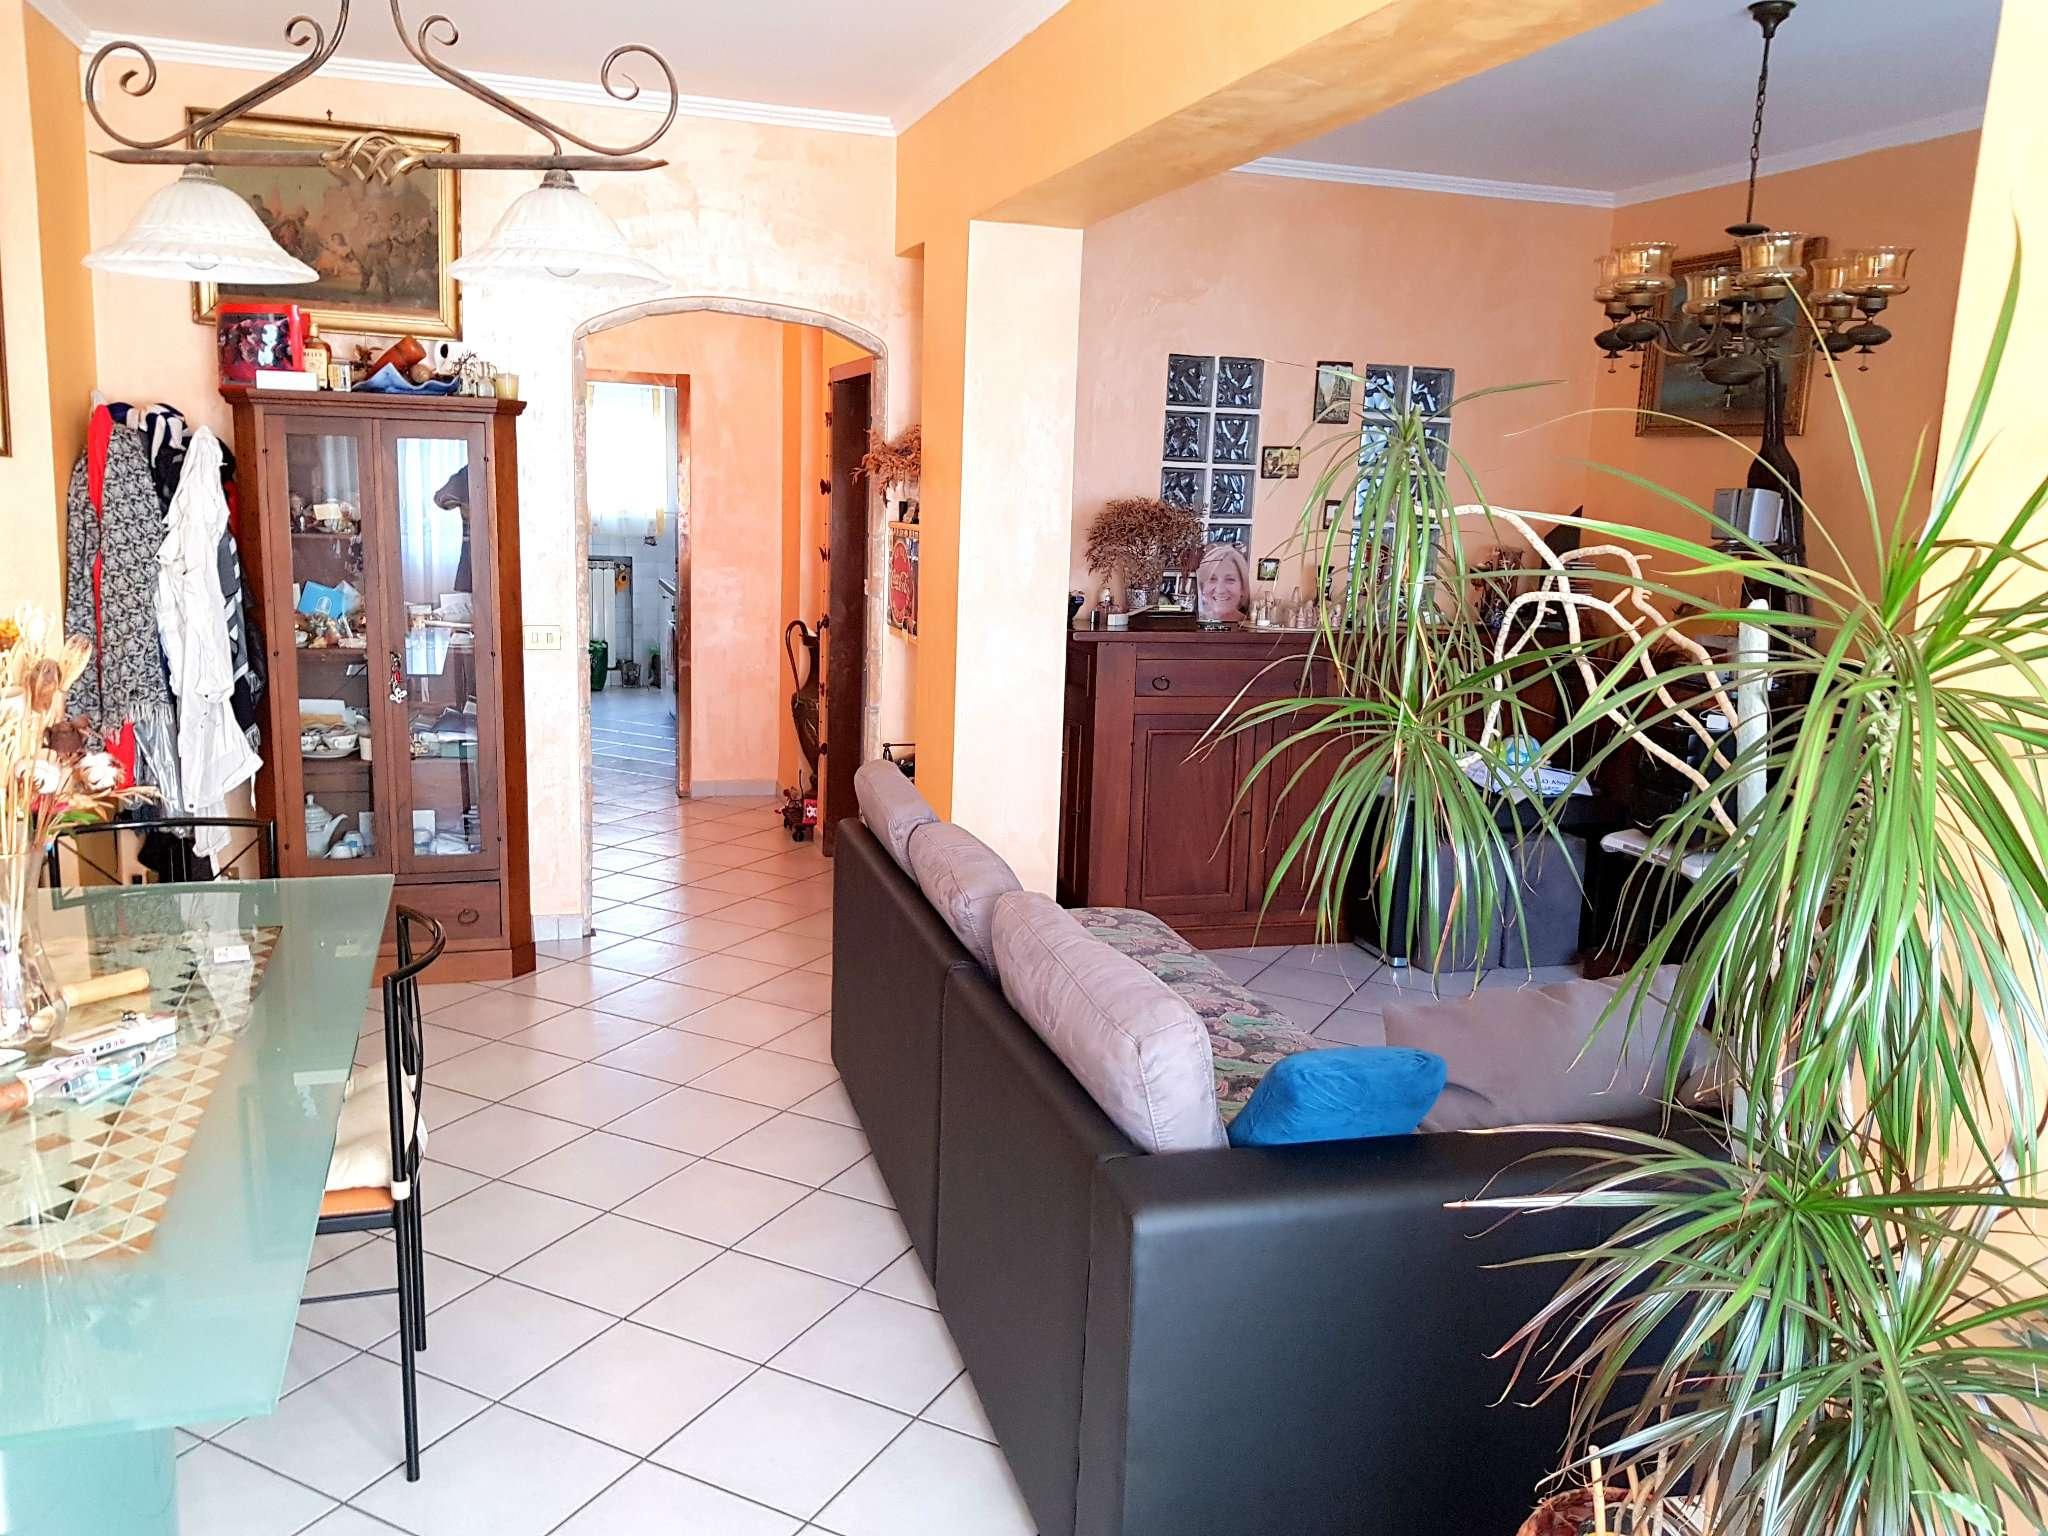 Appartamento in vendita a Roma, 5 locali, zona Zona: 22 . Eur - Torrino - Spinaceto, prezzo € 249.000 | CambioCasa.it